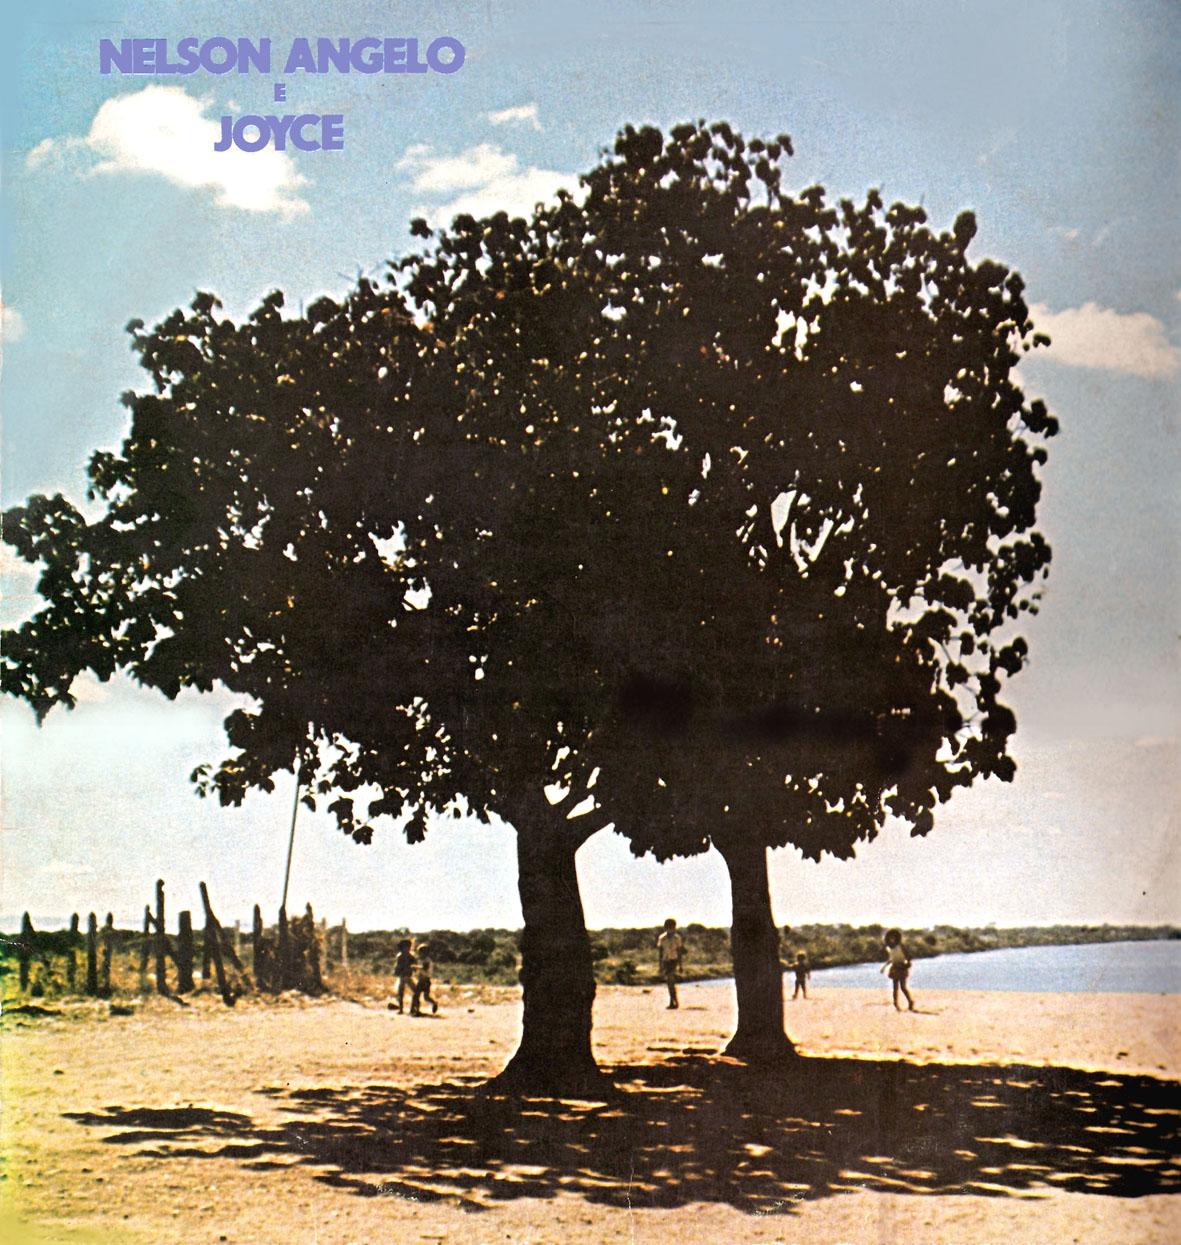 https://orfaosdoloronix.files.wordpress.com/2011/12/joyce-nelson-angelo-nelson-angelo-e-joyce1.jpg